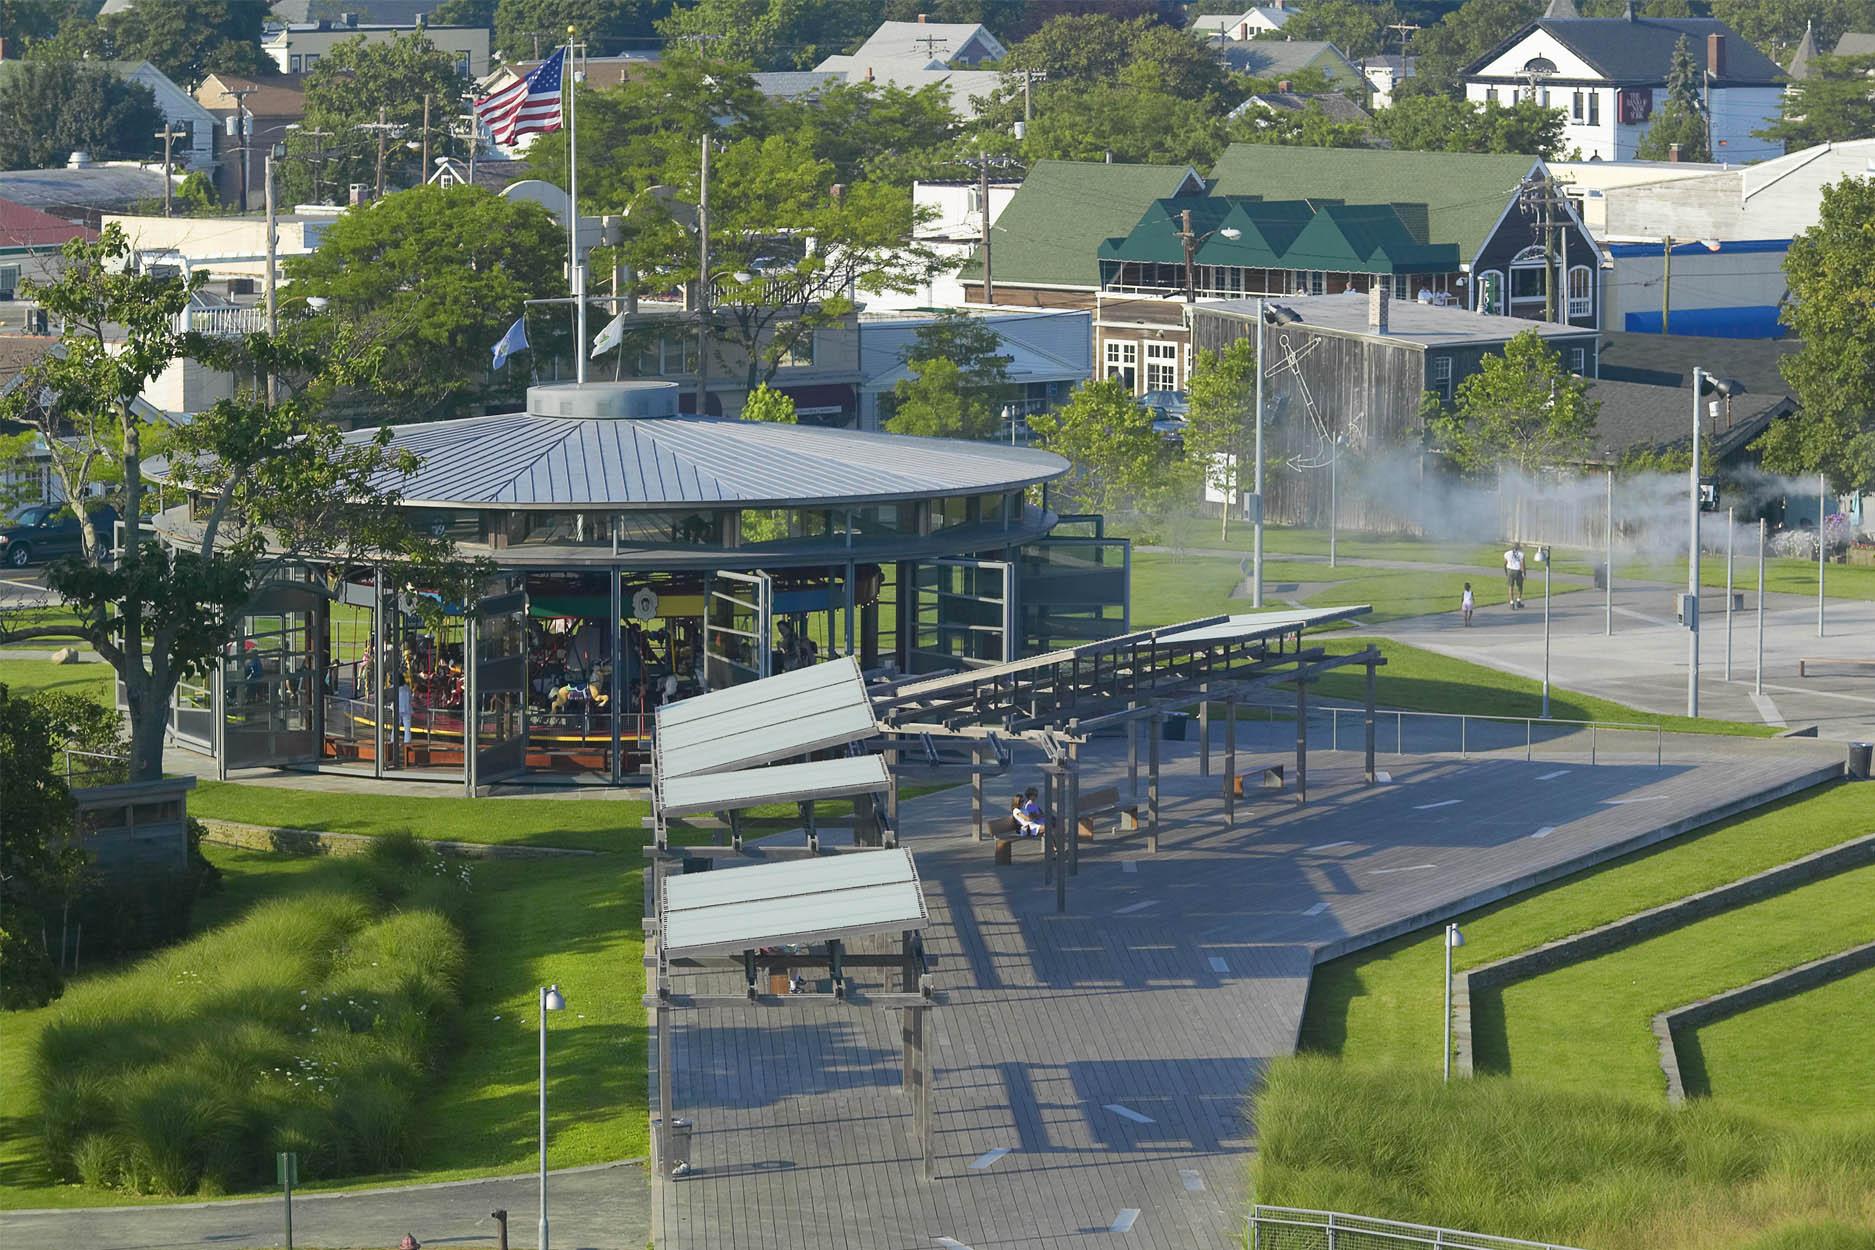 Mitchell Park landscape architecture